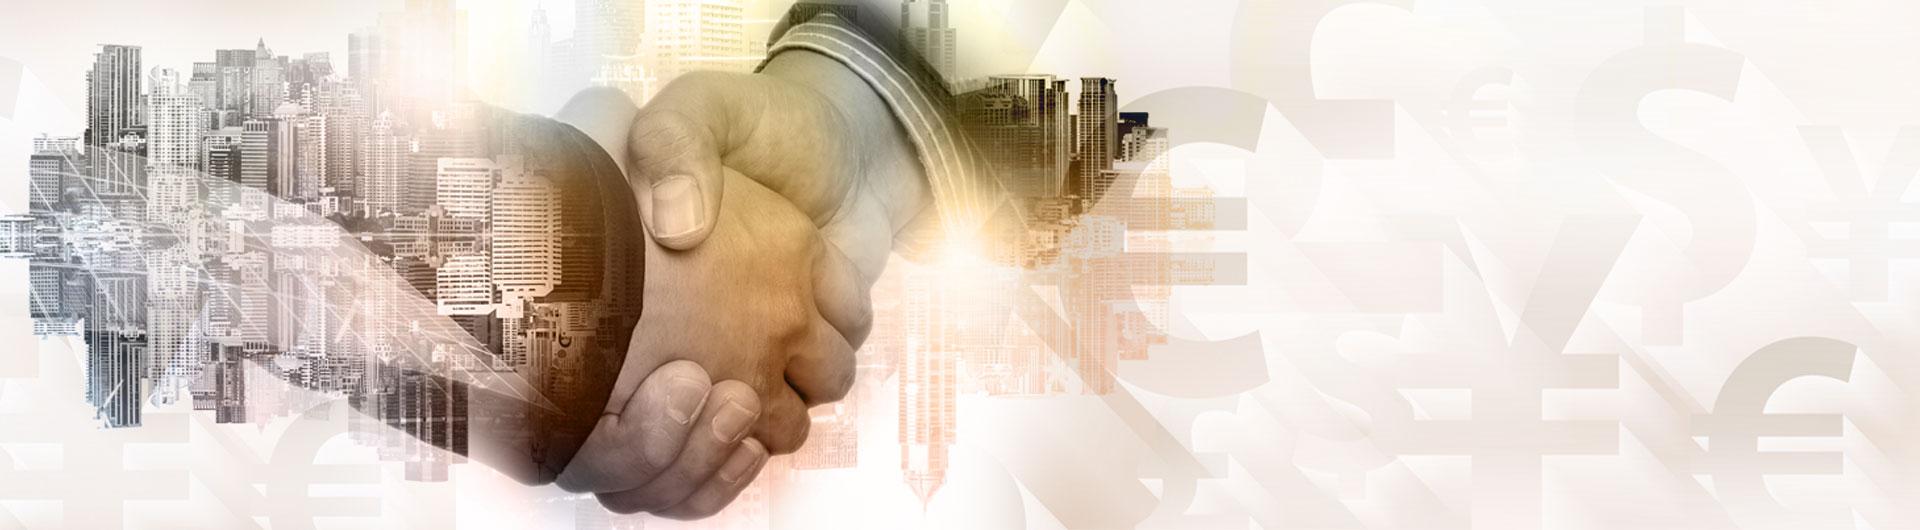 business advice & trust